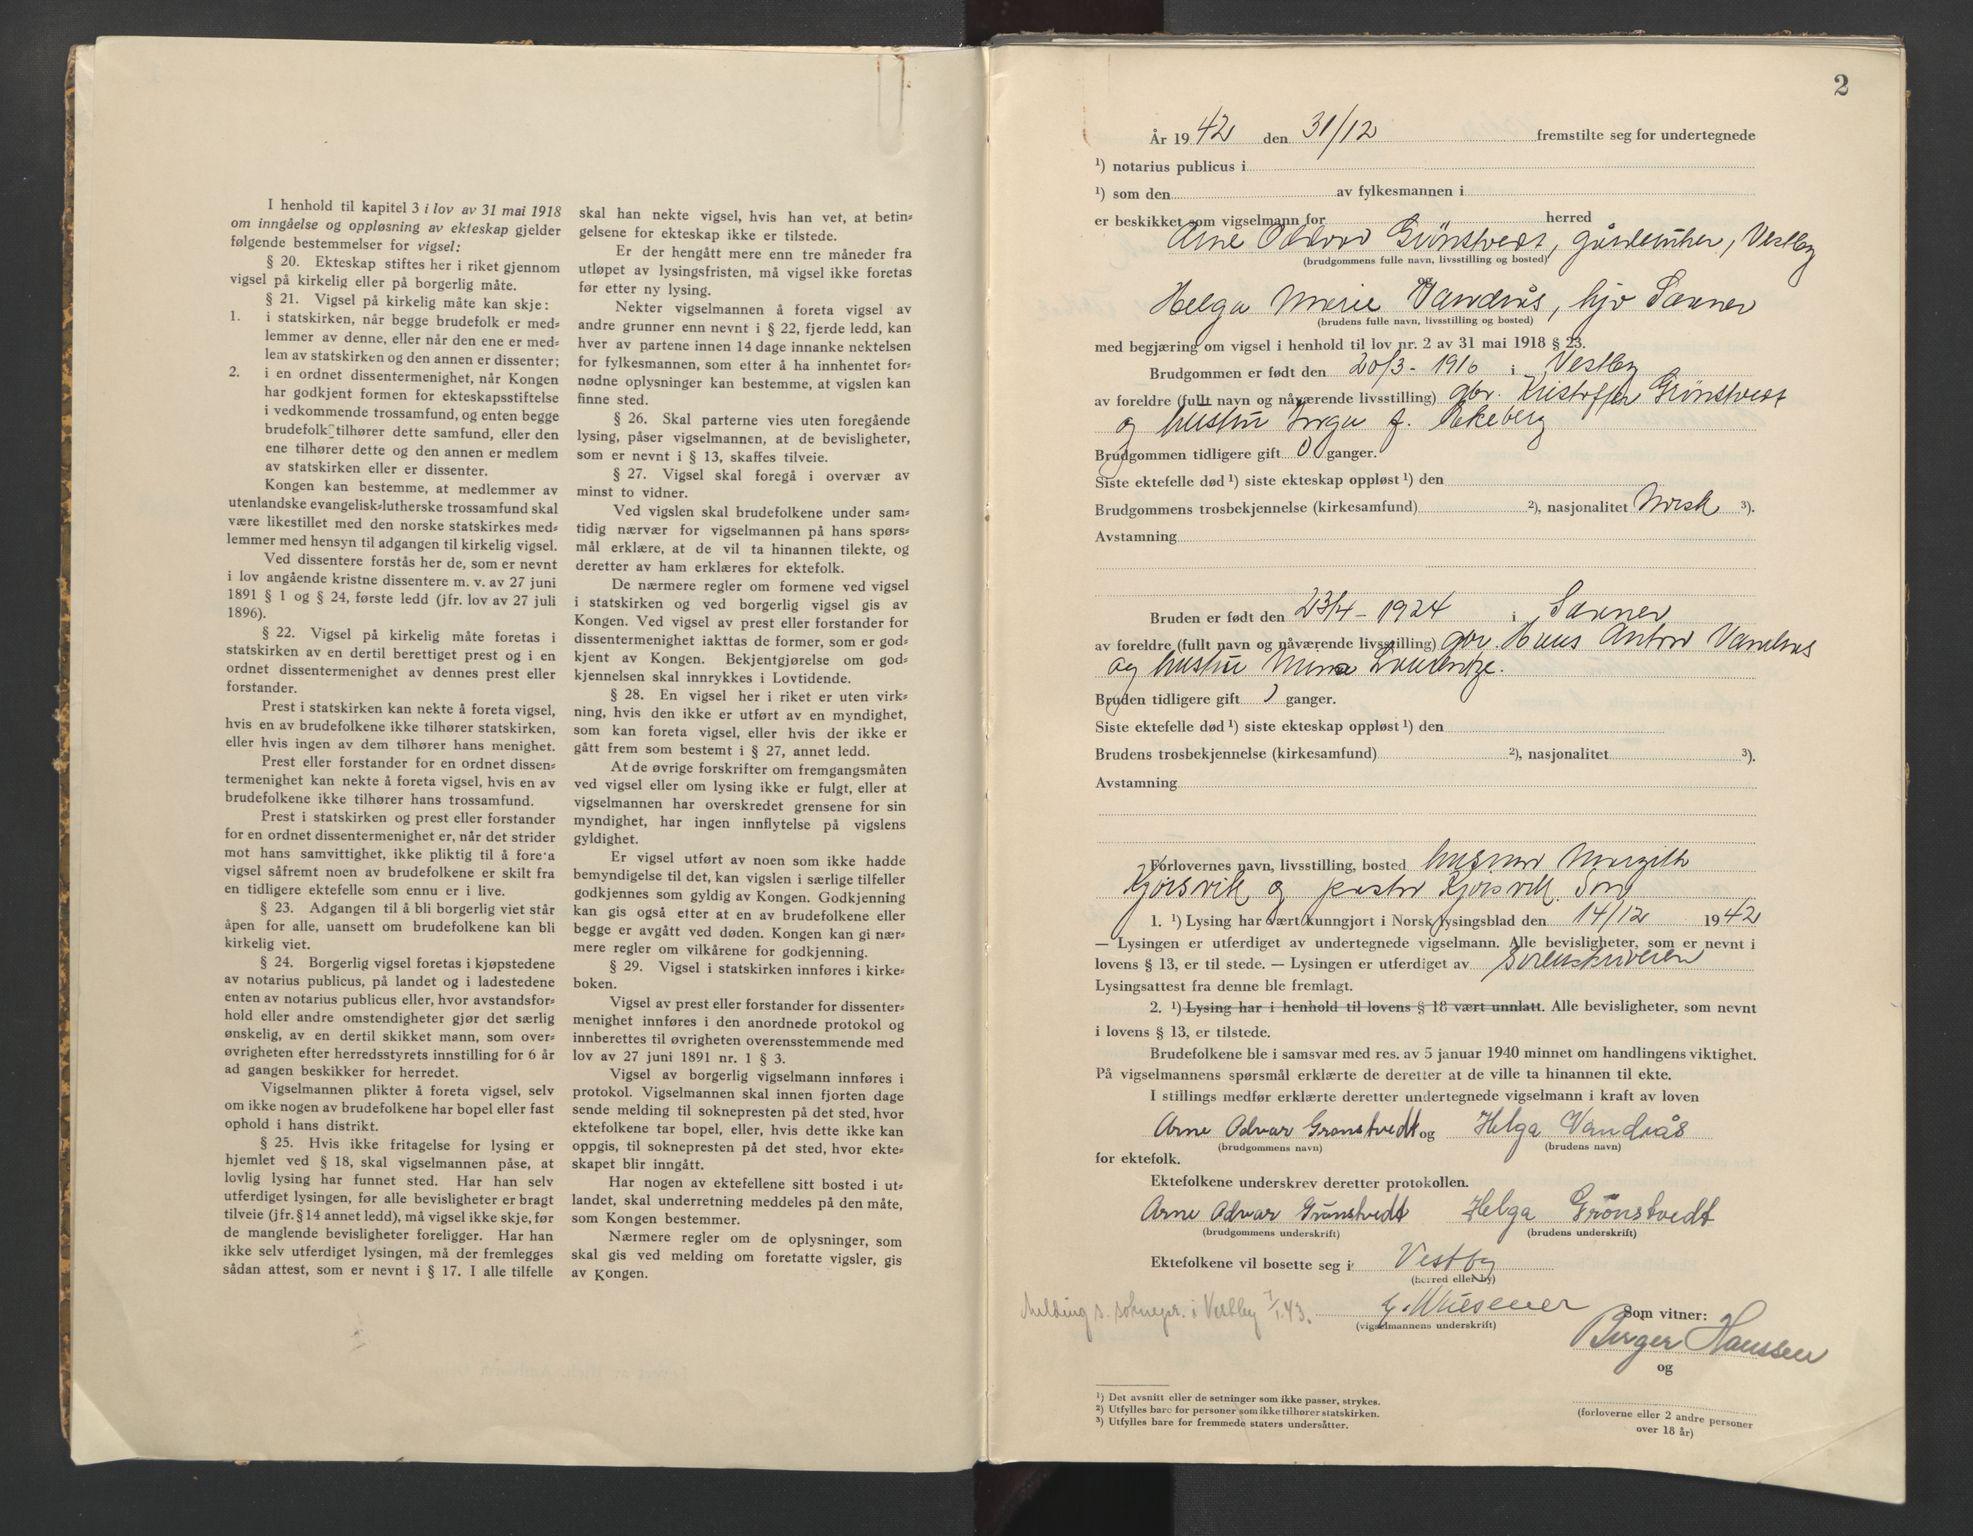 SAO, Follo sorenskriveri, L/La/Lab/L0002: Vigselsbok, 1942-1946, s. 2